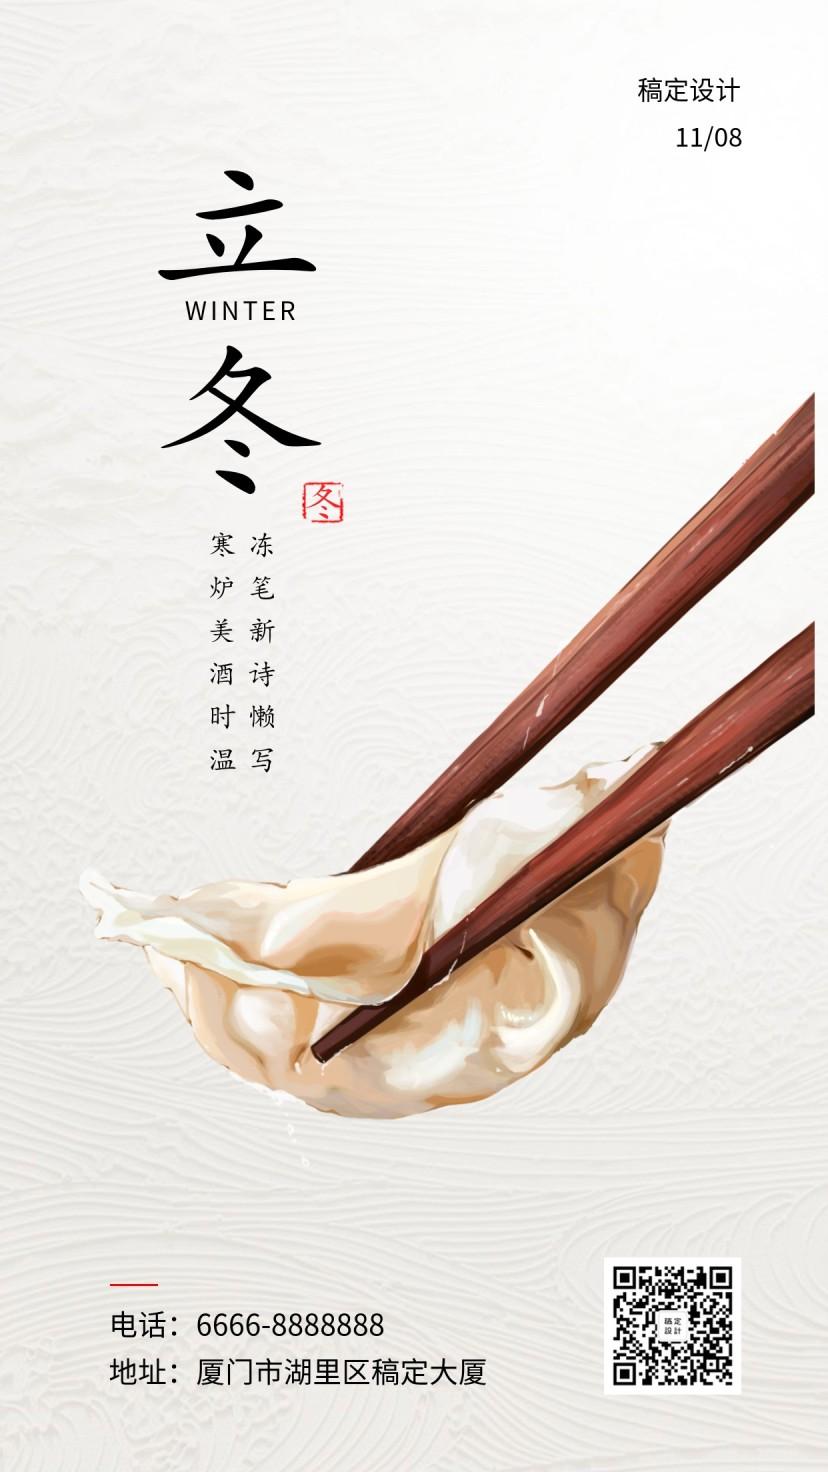 立冬饺子/实景插画/手机海报